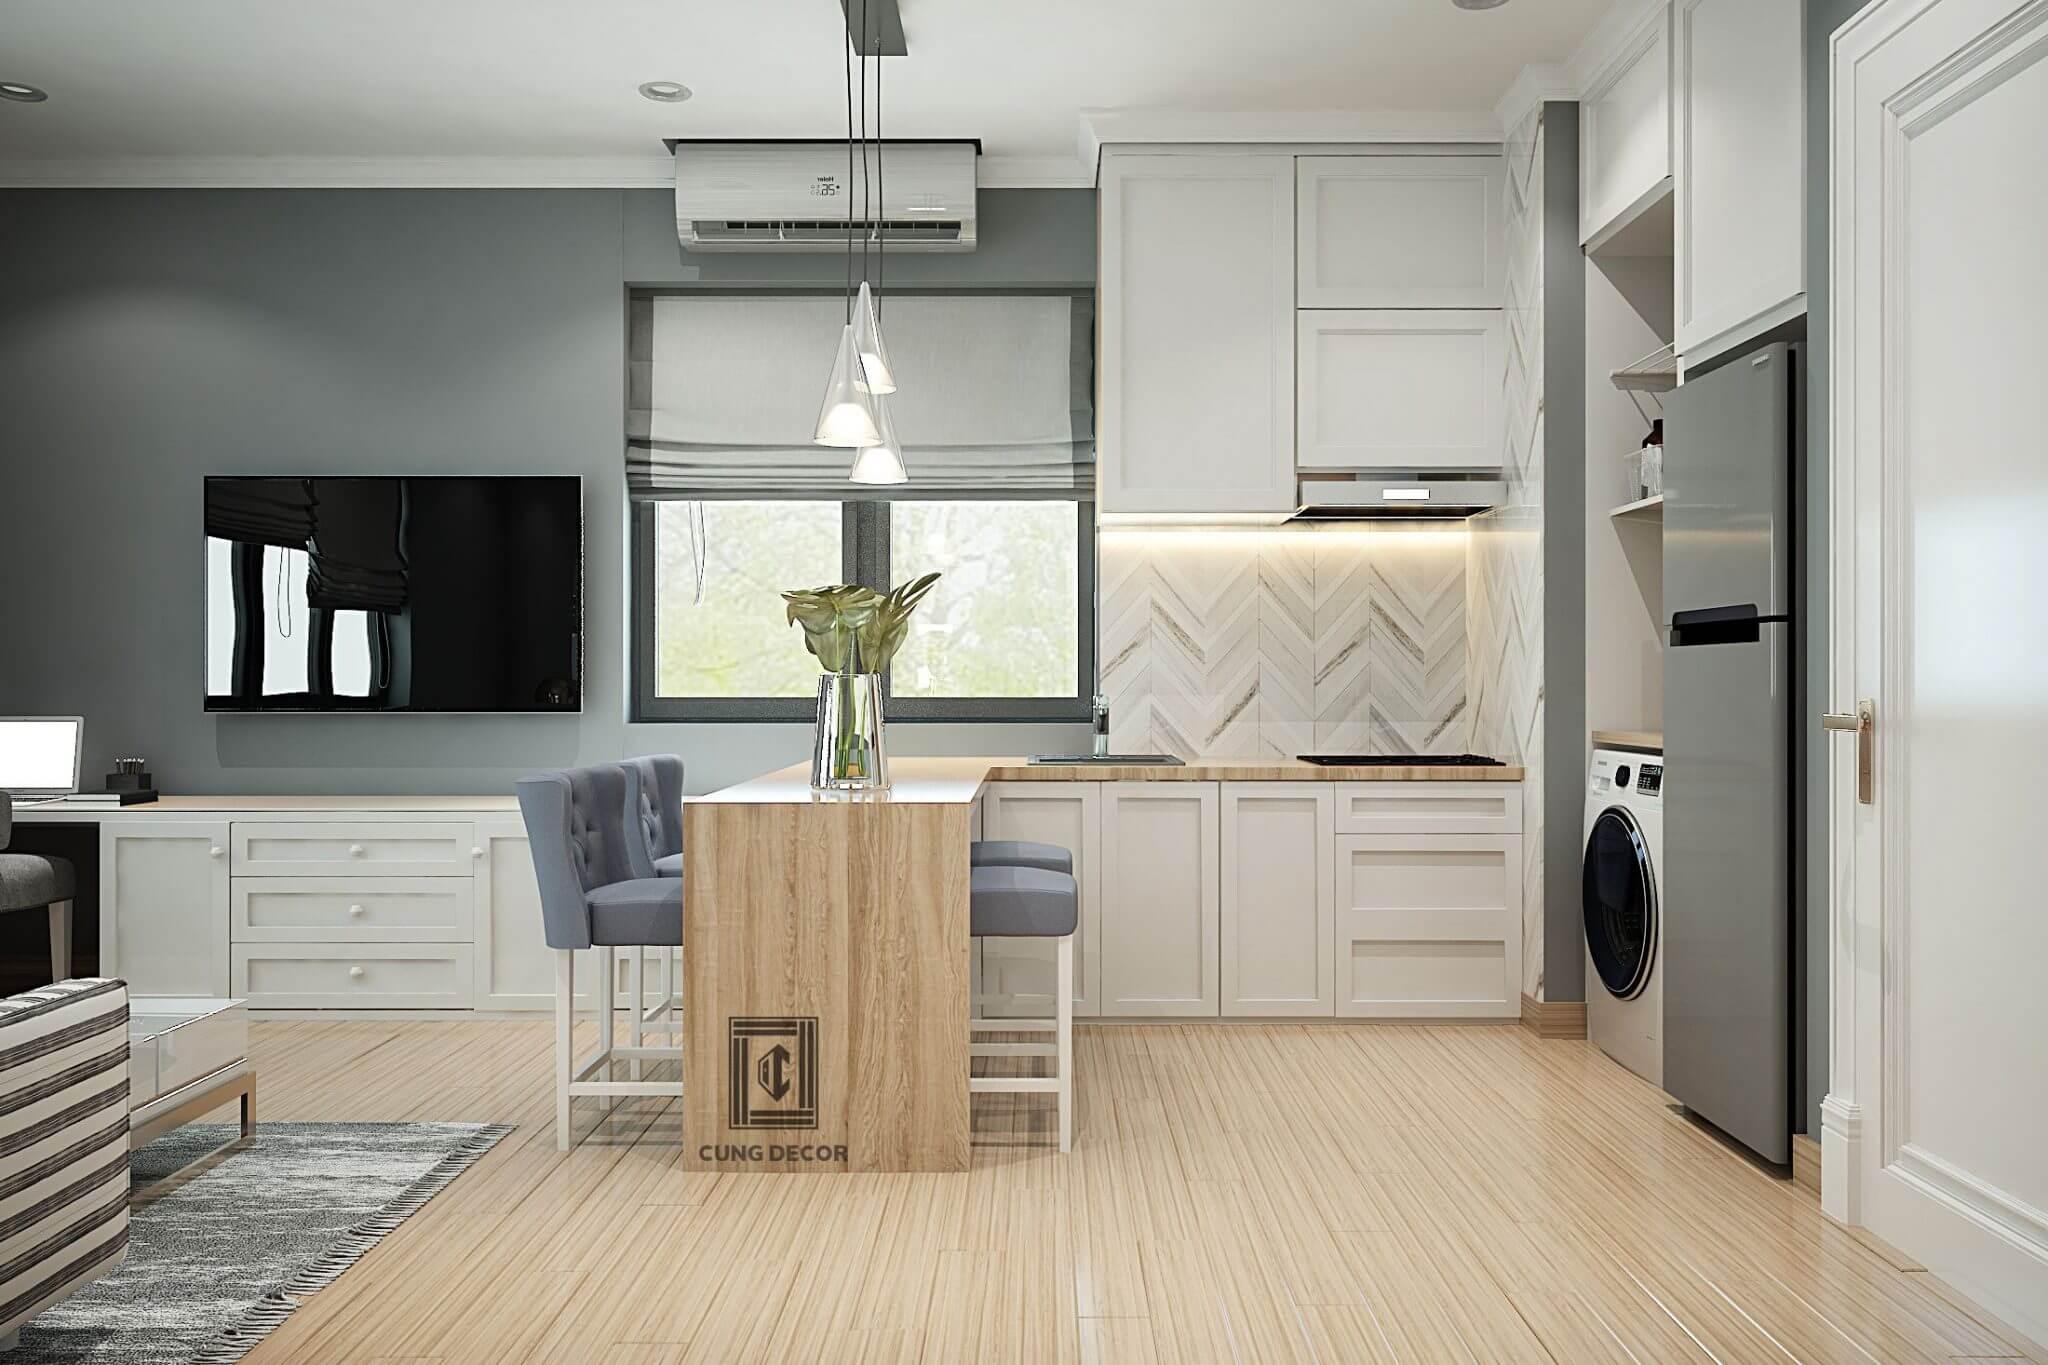 thiết kế nội thất cho căn hộ